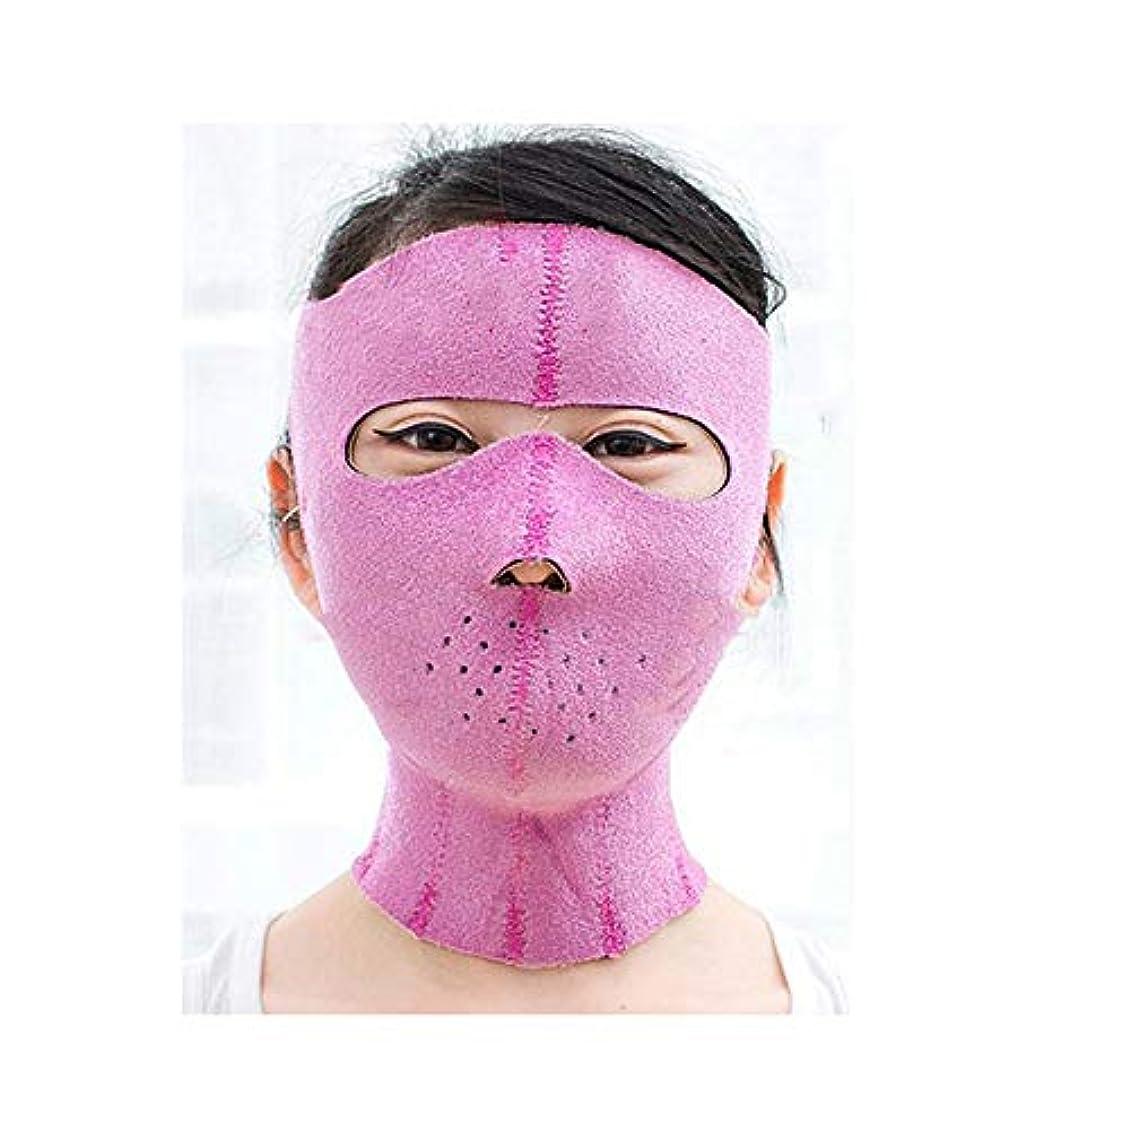 ゆでるスプリットコミュニティフェイスリフティングサウナマスク、ウィッキングフェイス包帯/スモールフェイスアーチファクト/フェイスマスク(ピンク)